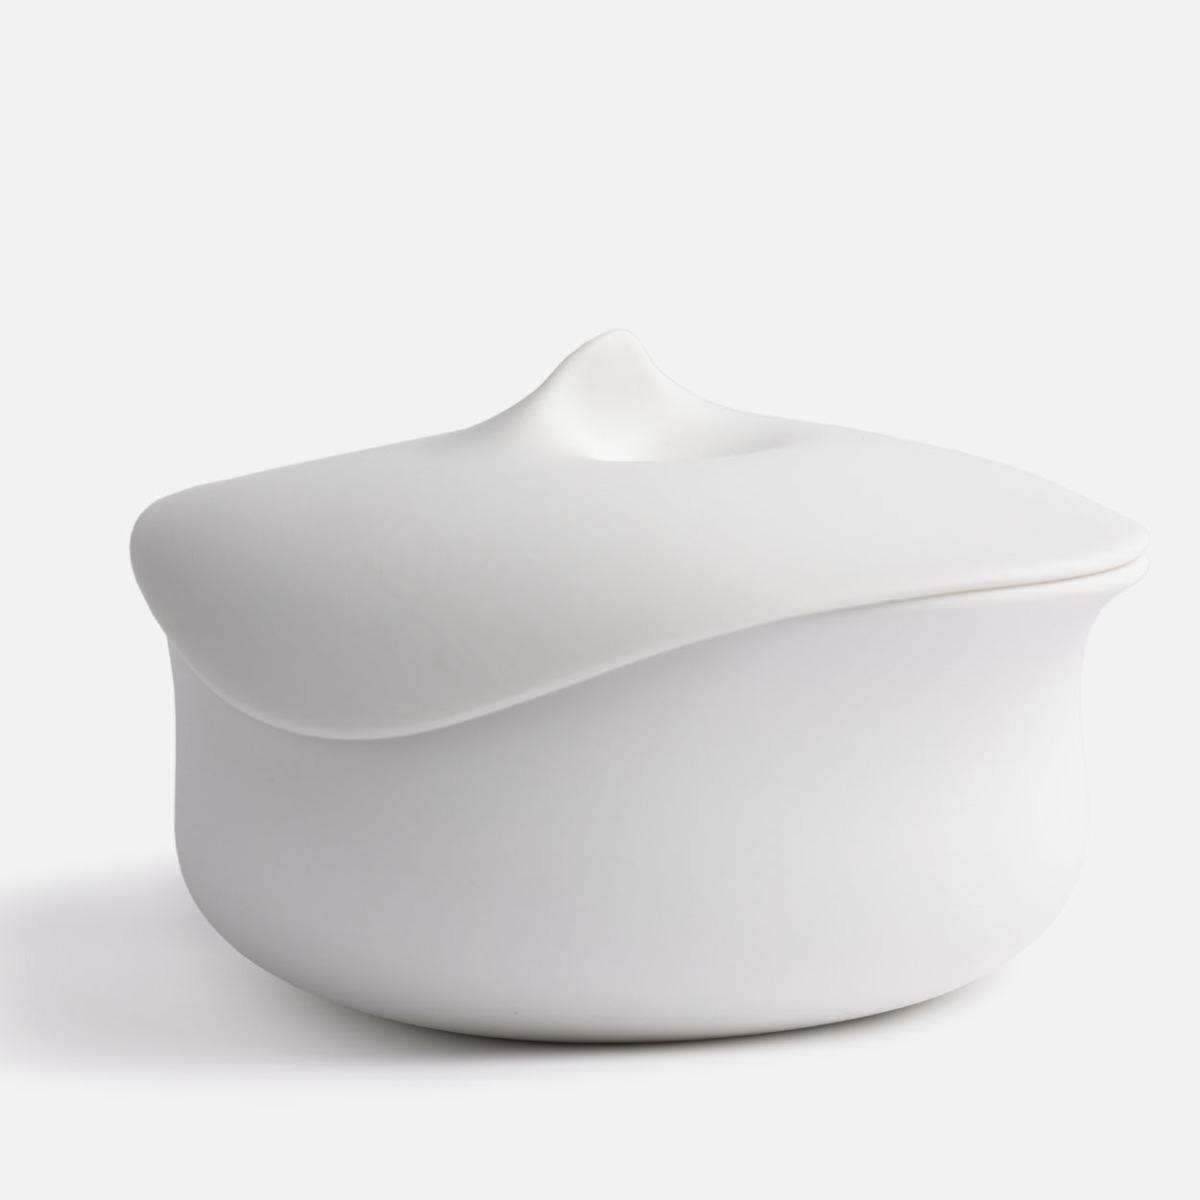 The Pot